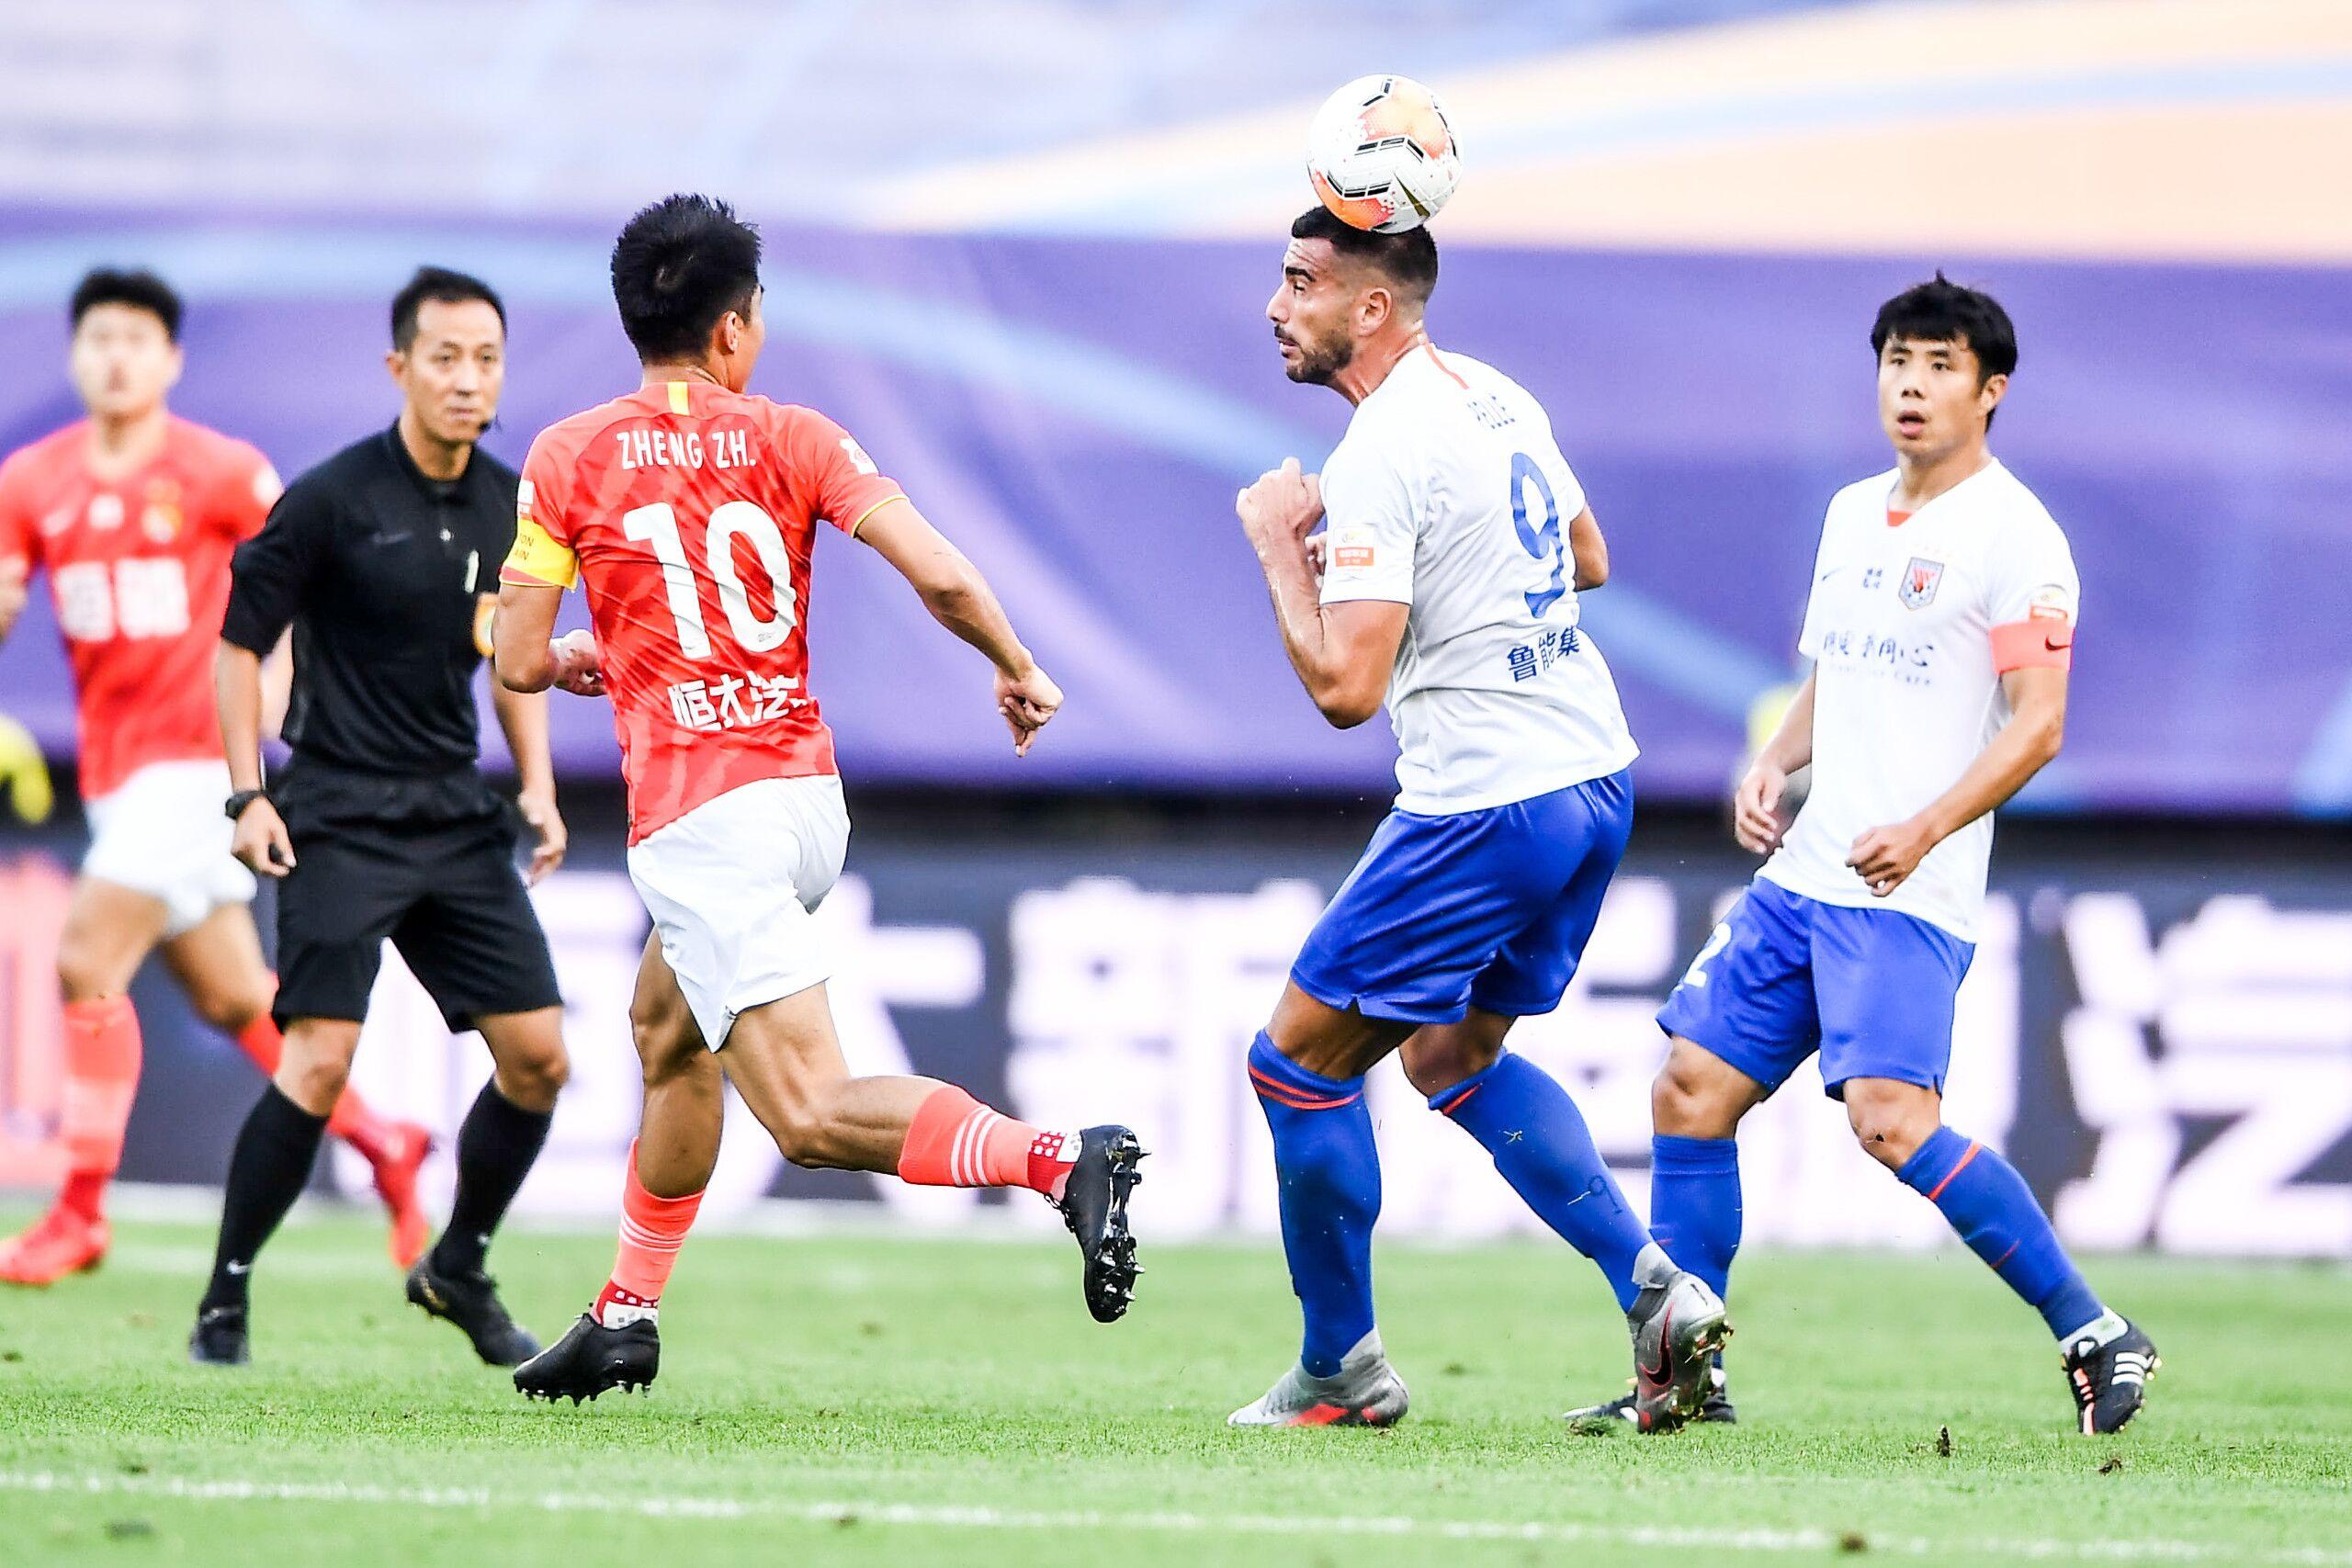 郭田雨替补建功,恒大赛季首败0-1负鲁能